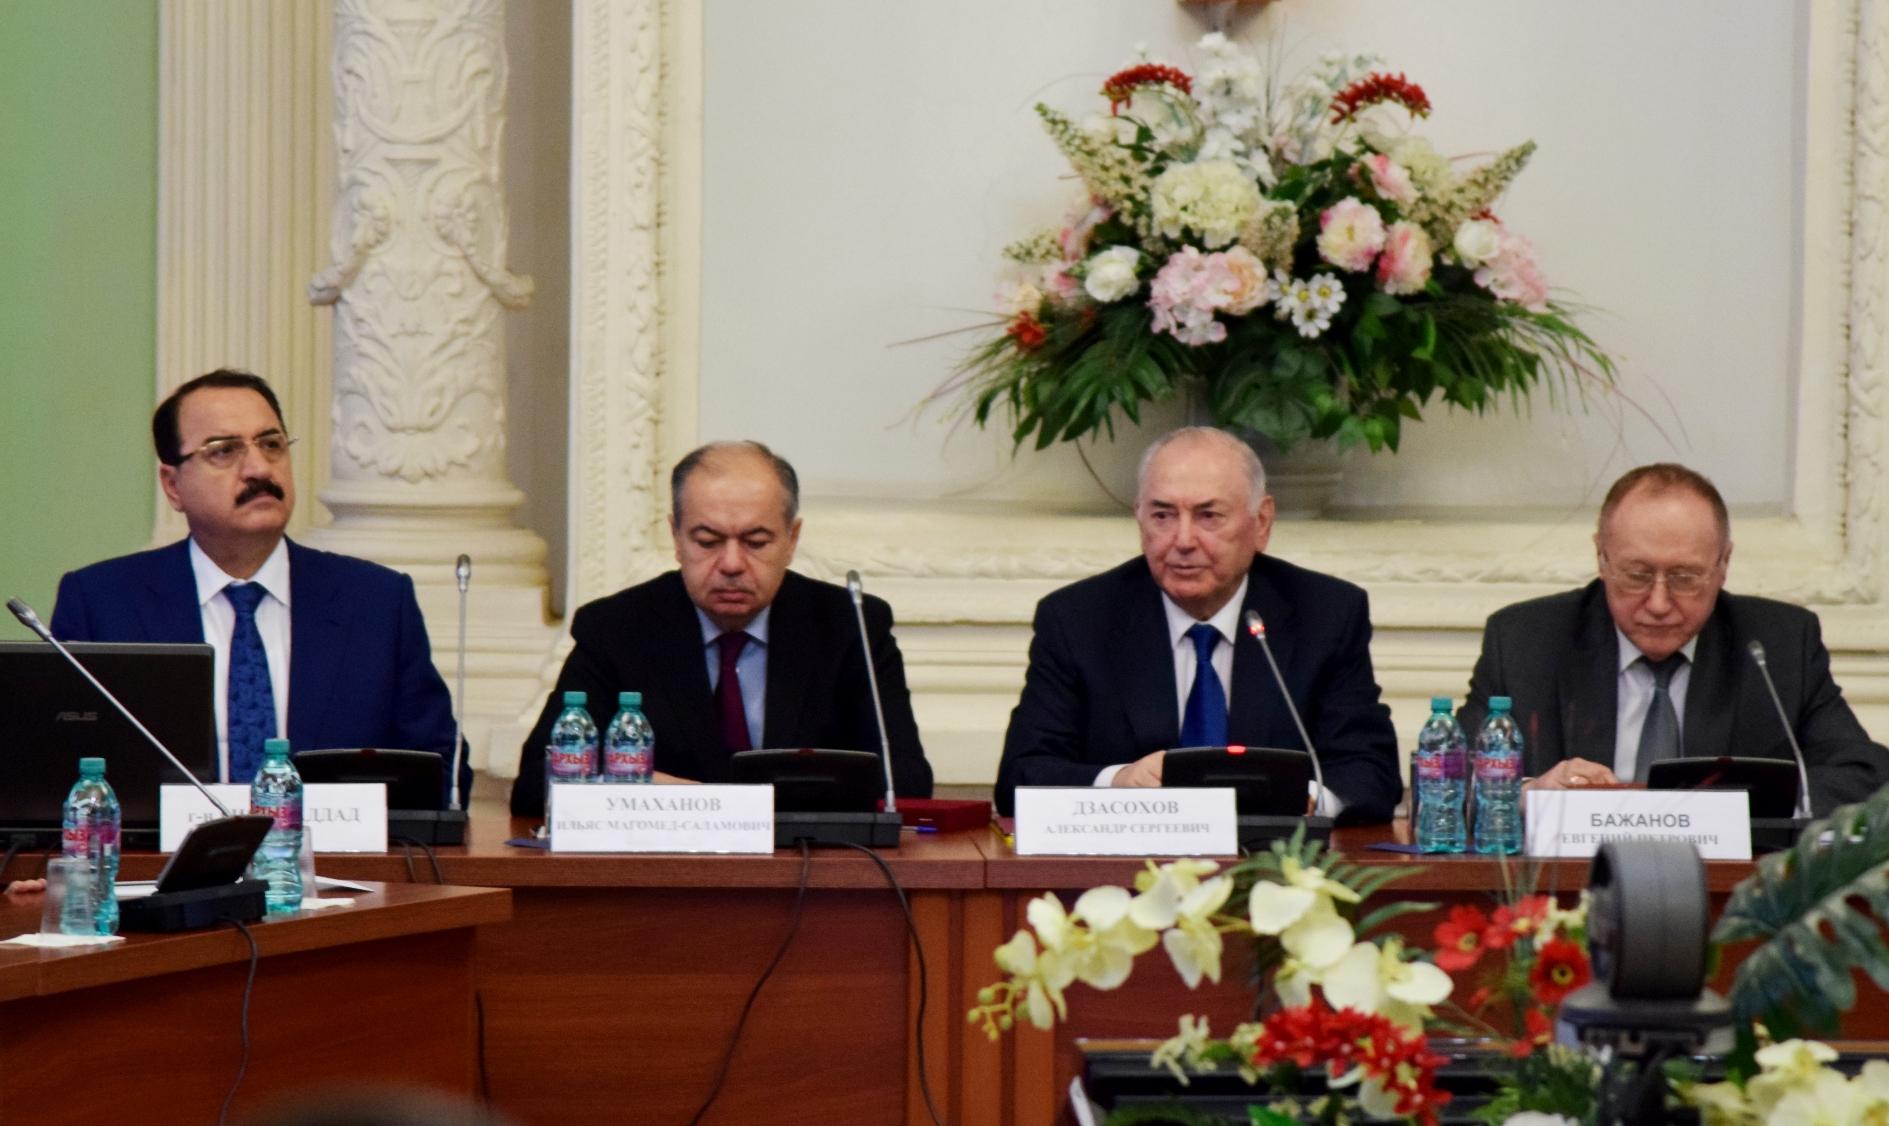 В Дипломатической академии состоялся Круглый стол, посвященный Сирии